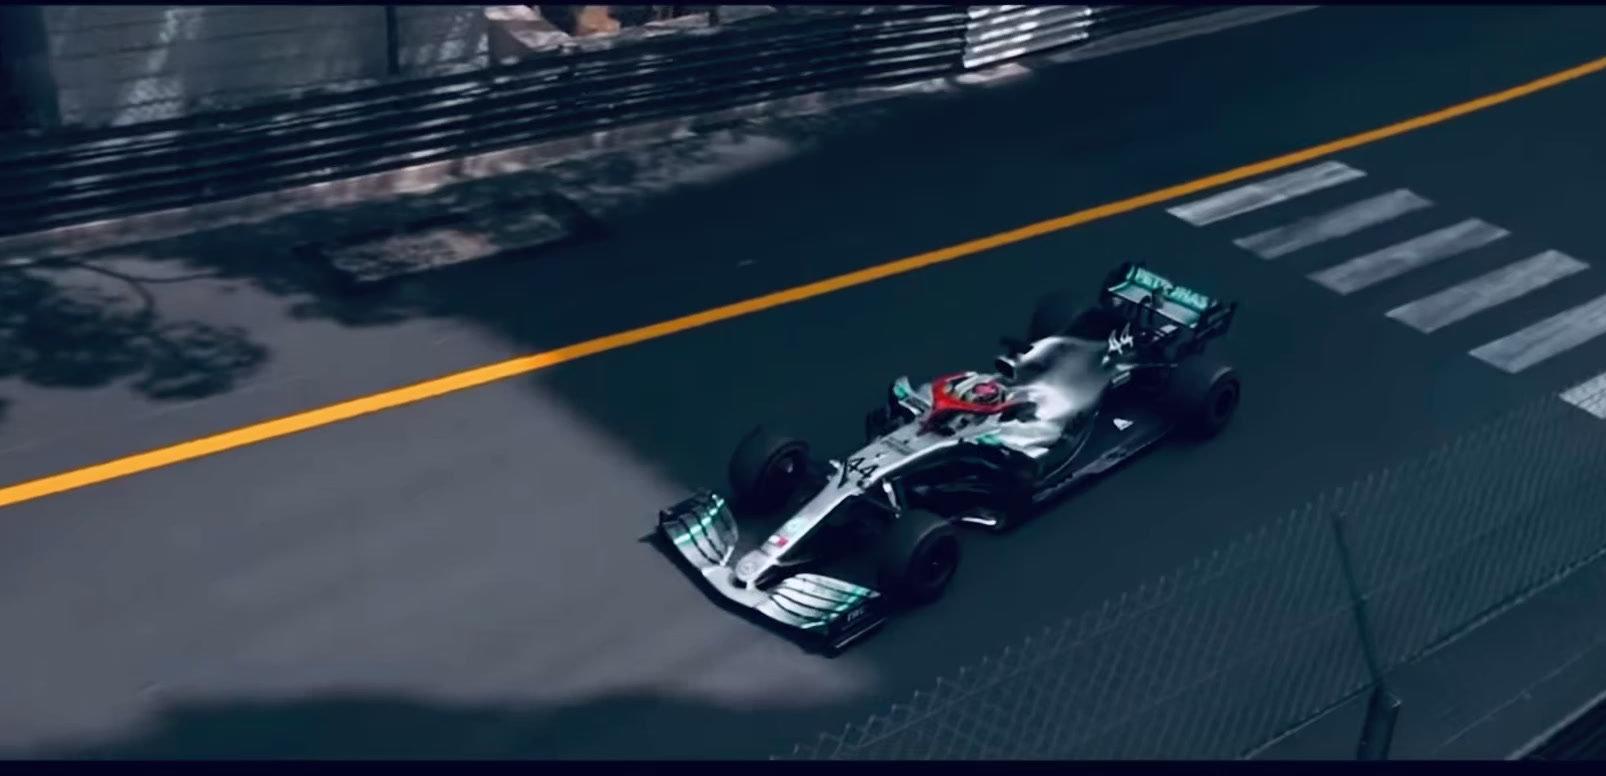 Monaco F1 2022